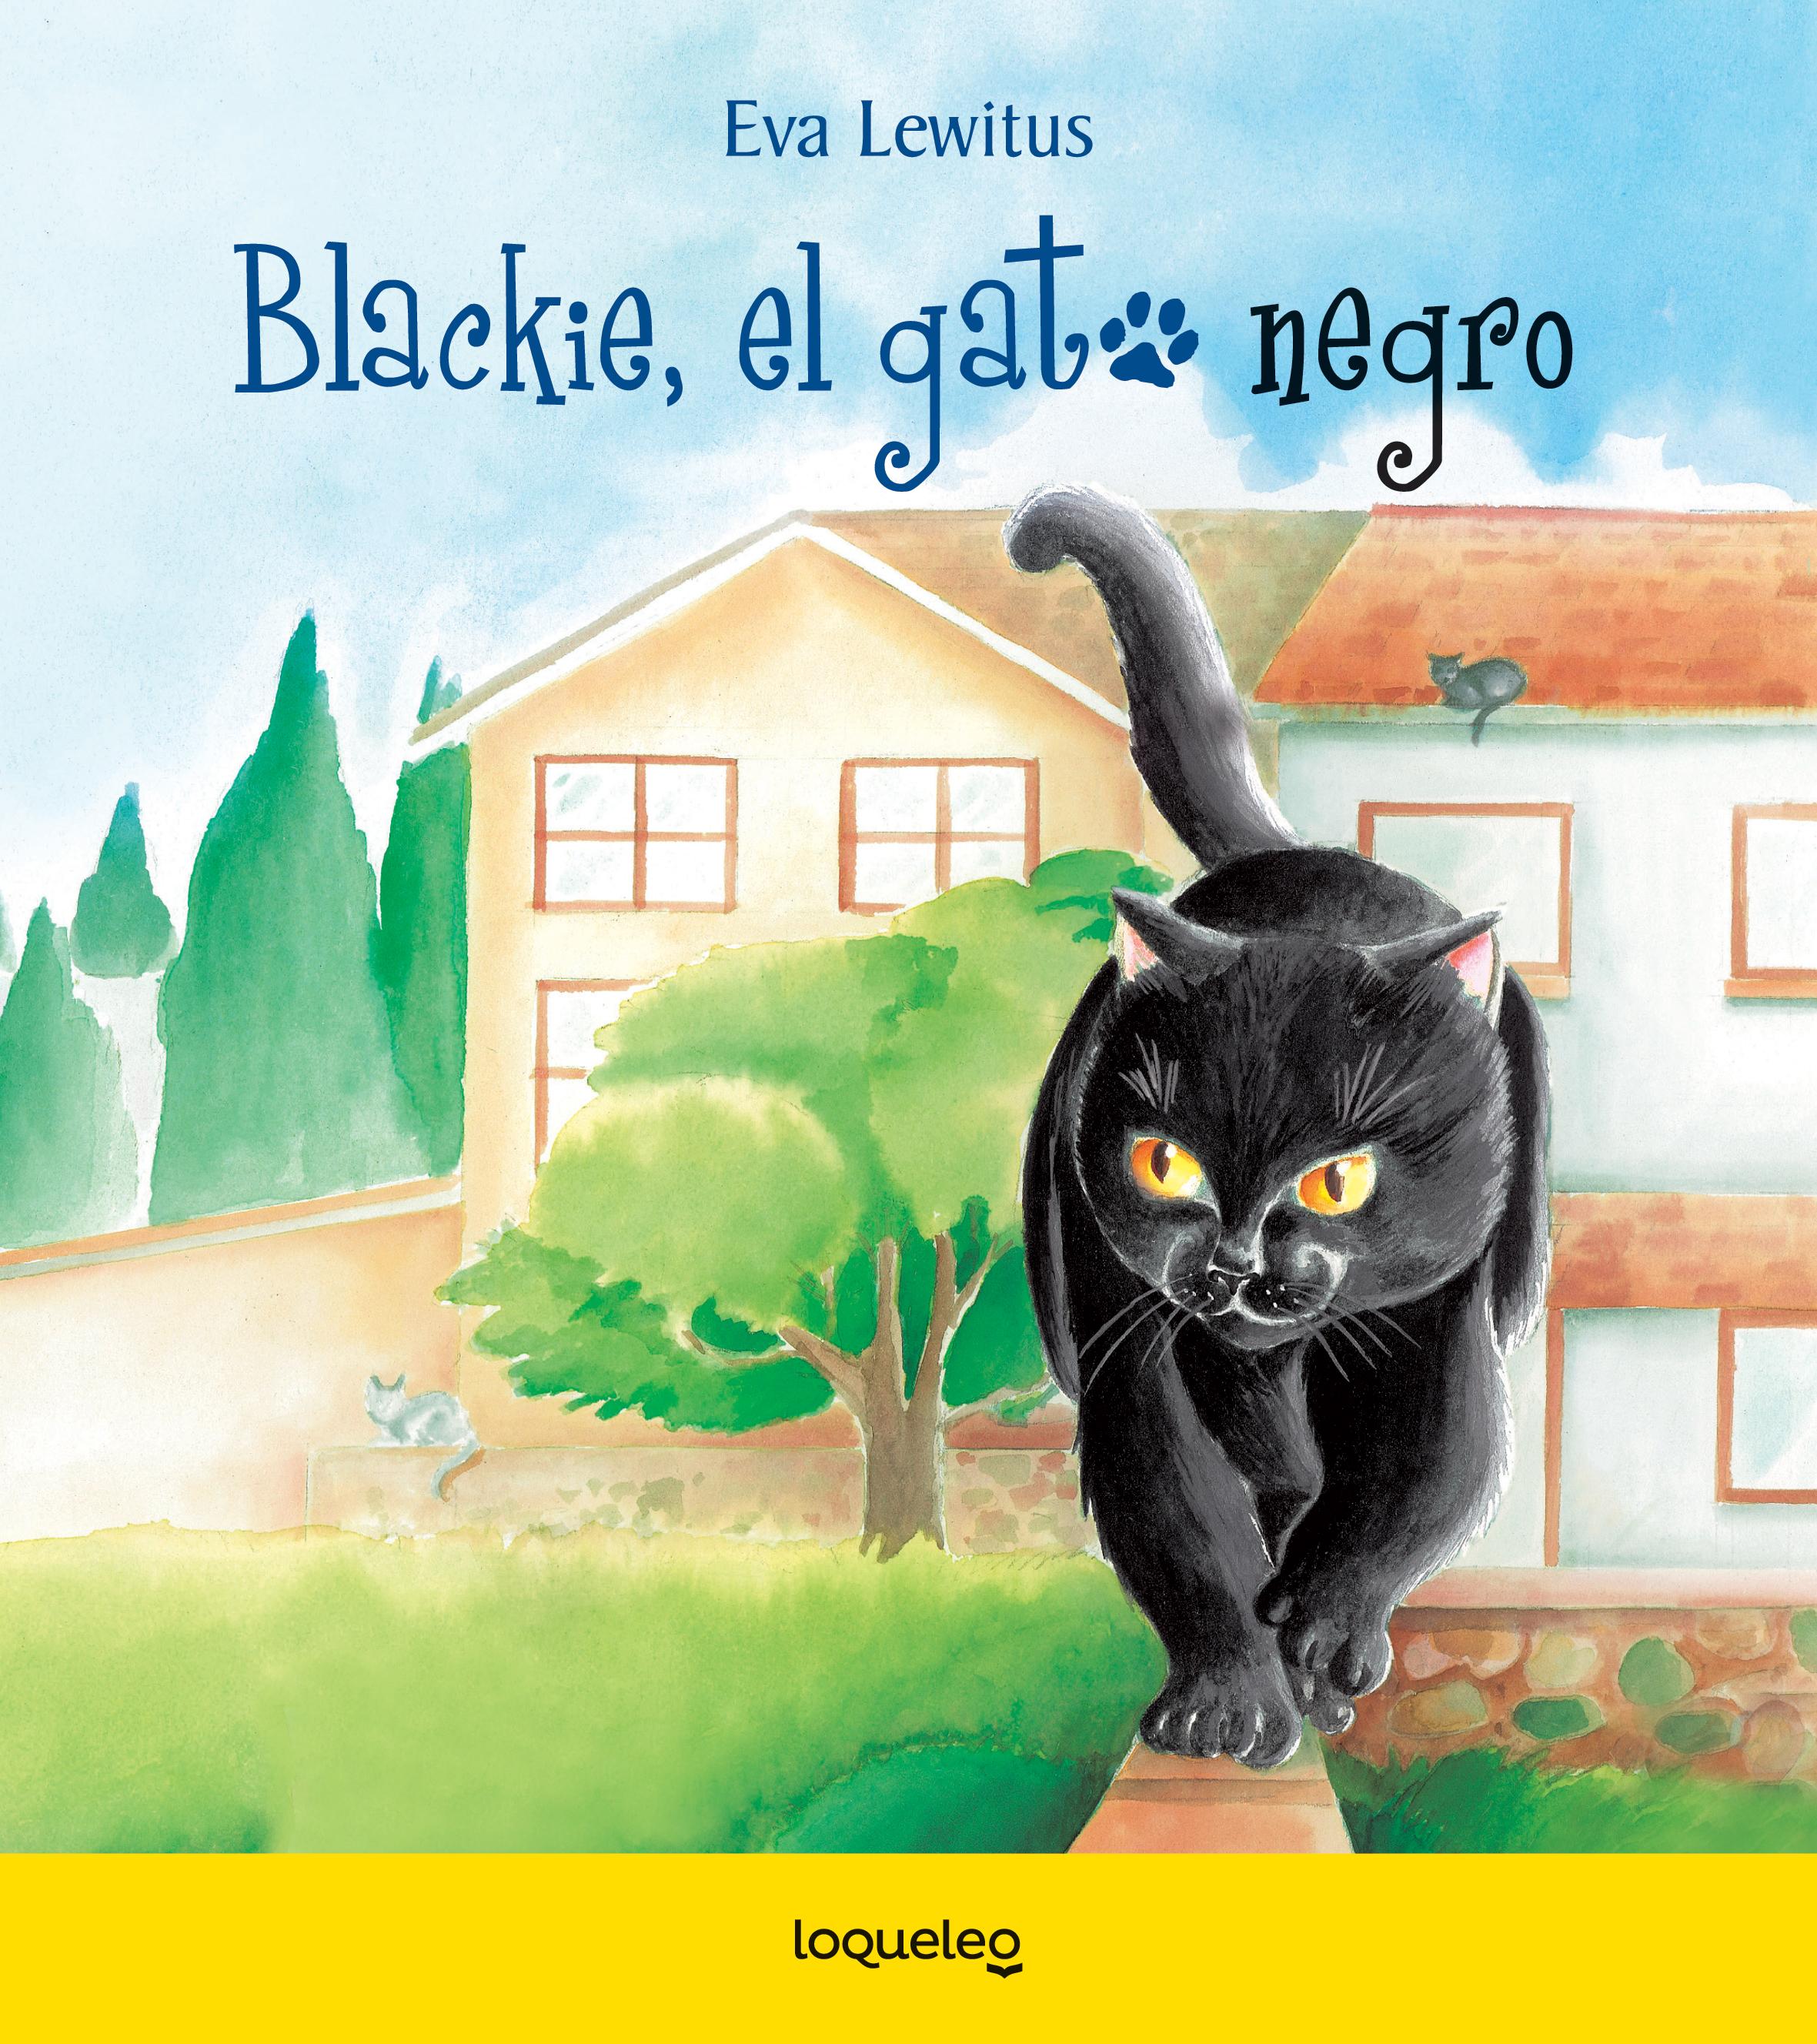 Blackie, el gato negro